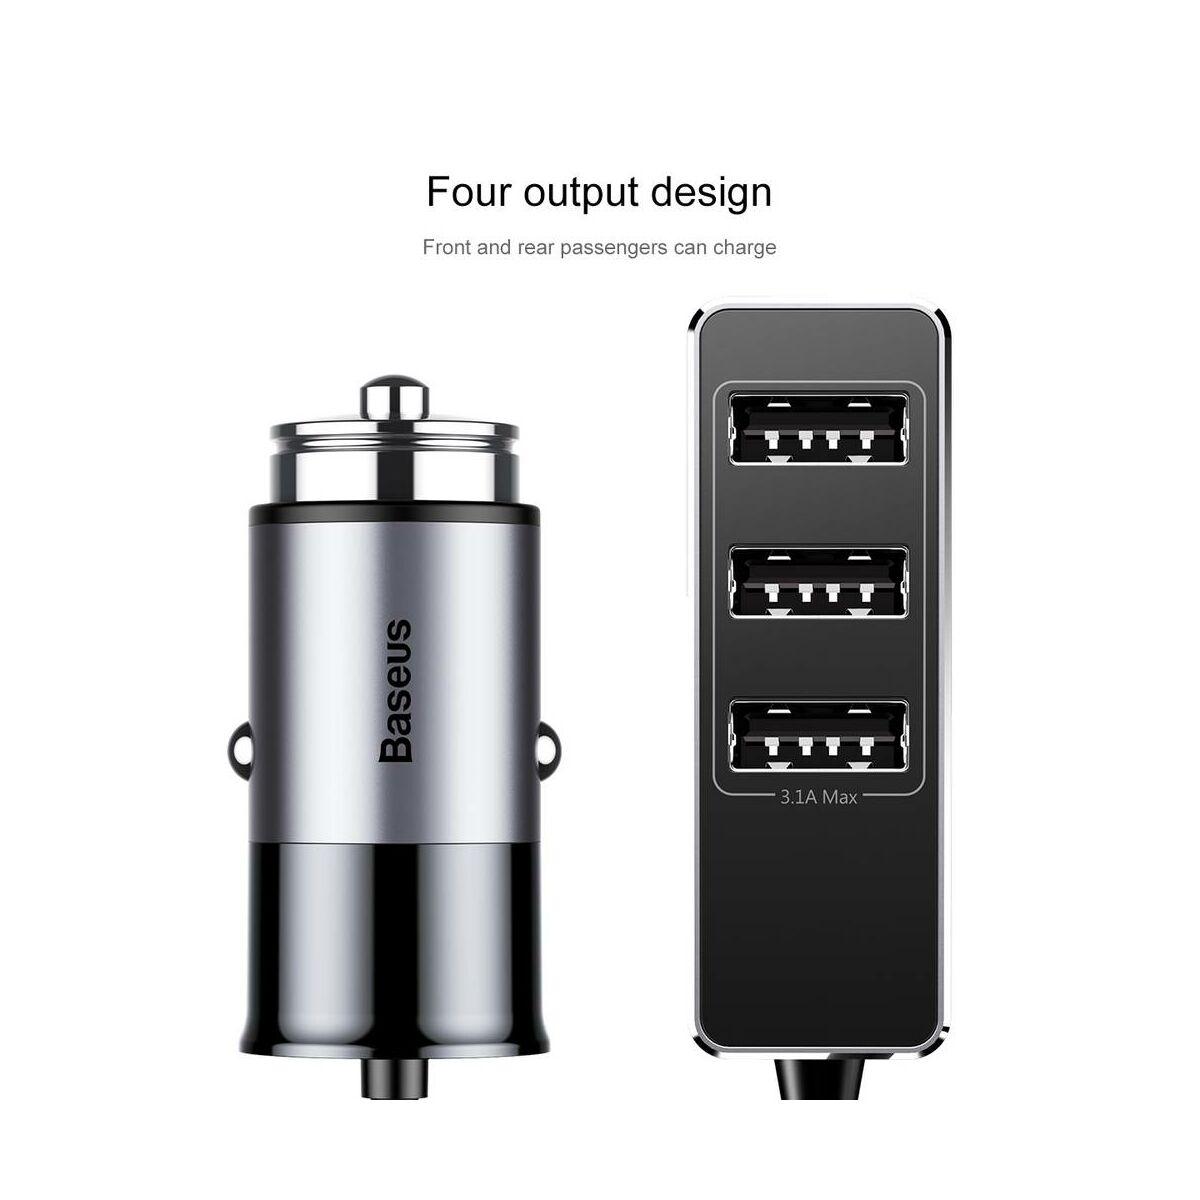 Baseus autós töltő, Enjoy Together 4 kimenet, max 5.5A, sötét szürke (CCTON-0G)